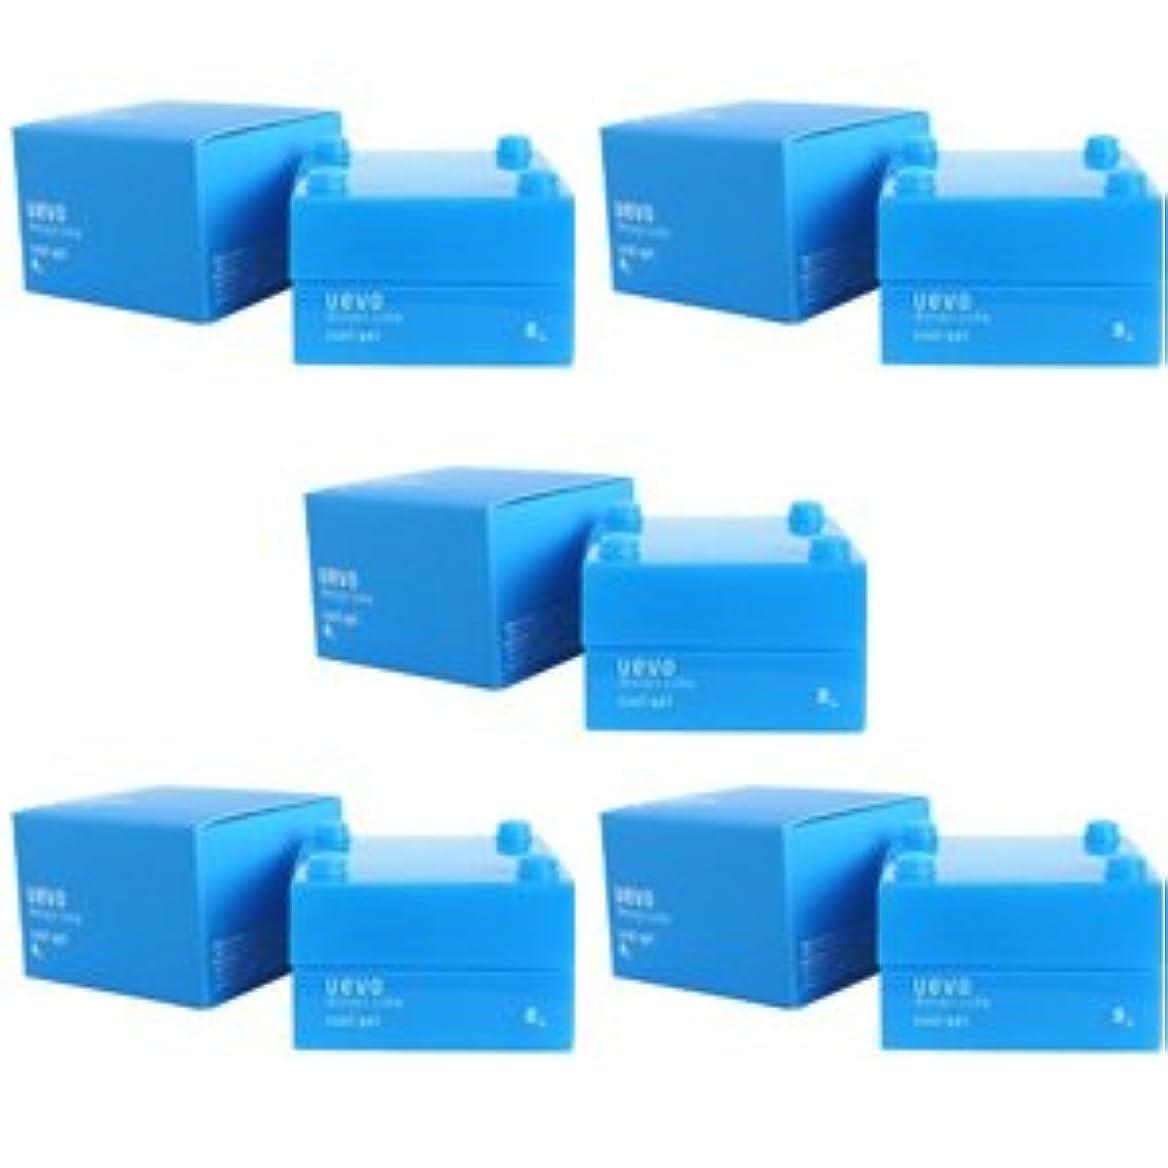 時計モスライトニング【X5個セット】 デミ ウェーボ デザインキューブ クールジェル 30g cool gel DEMI uevo design cube